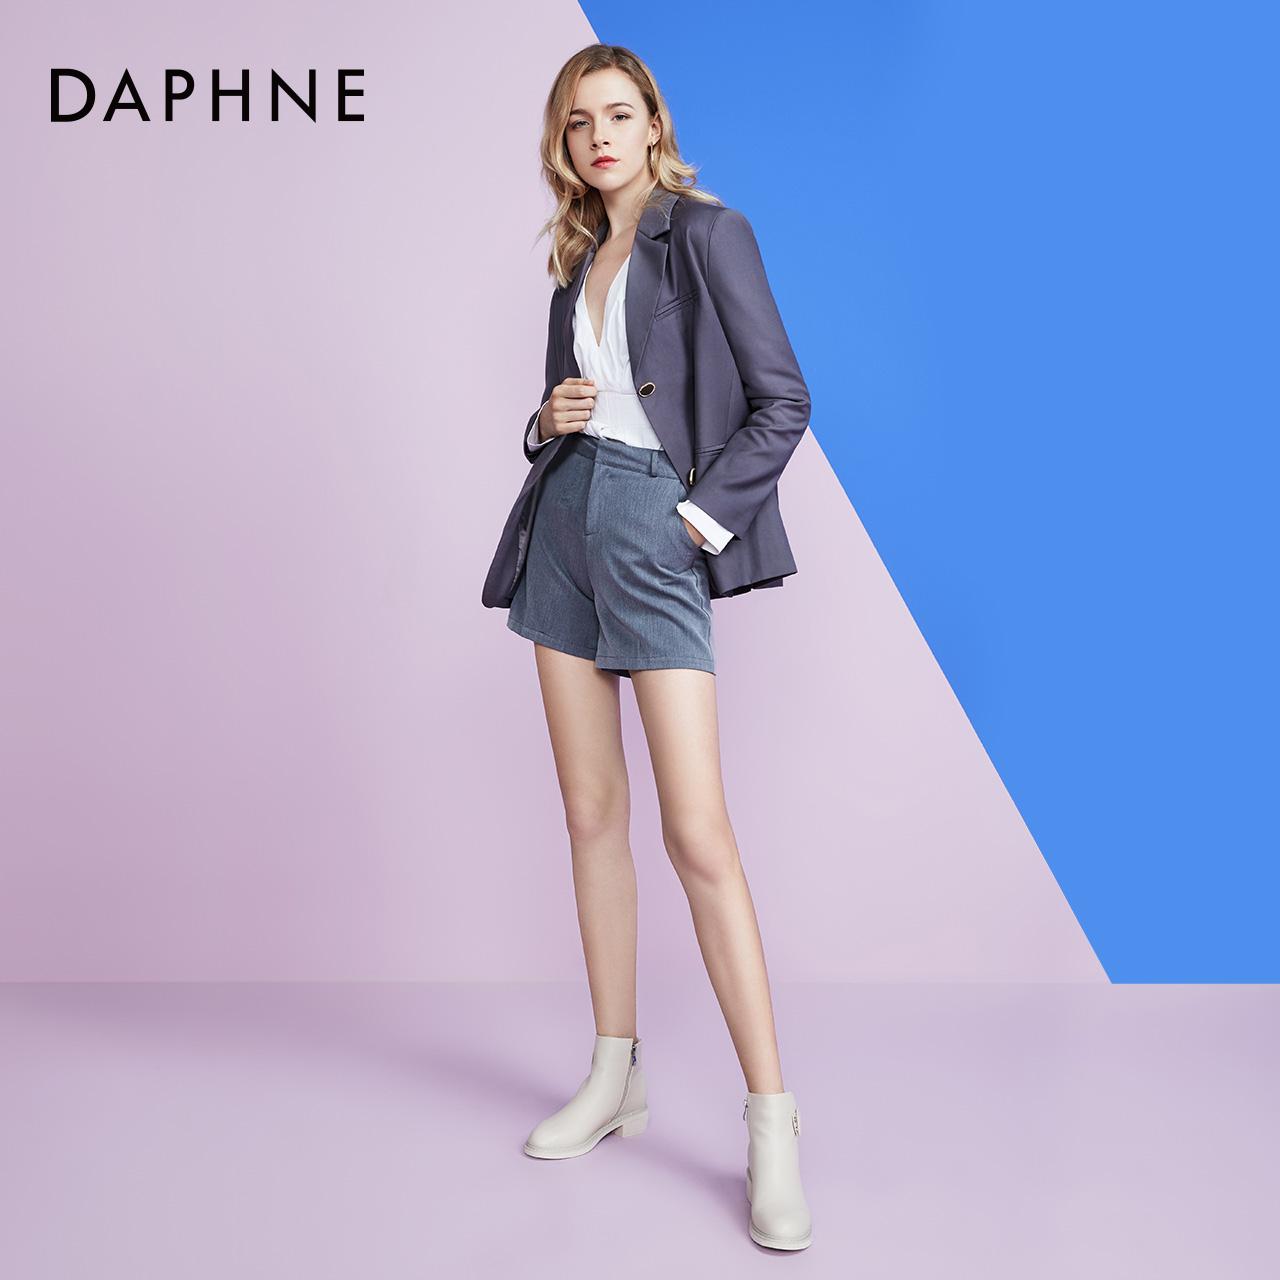 冬休闲短靴女绒毛内里粗跟时装靴轻便保暖女靴 2019 达芙妮 Daphne